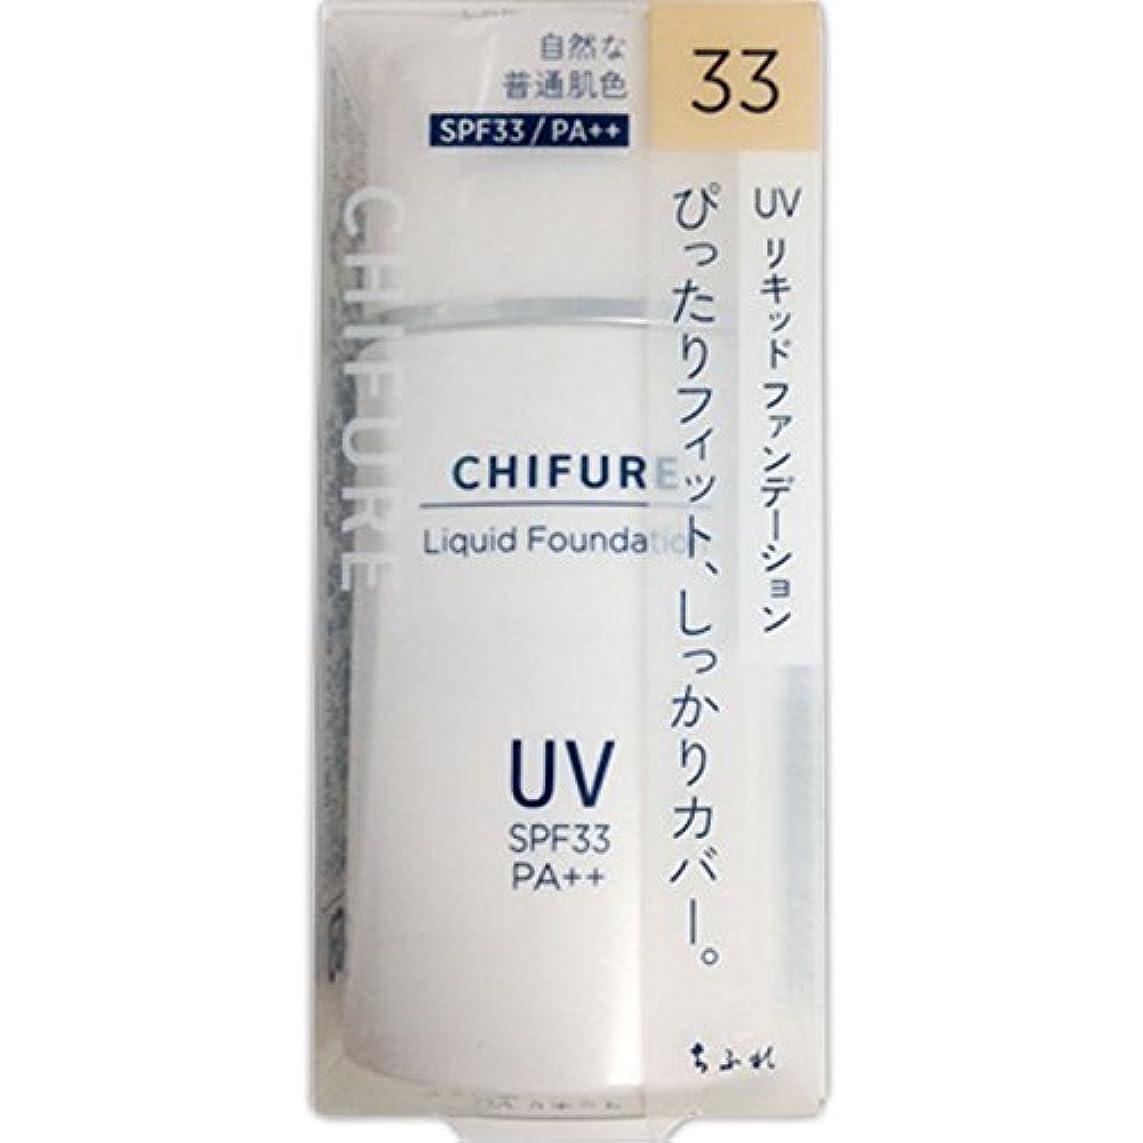 ポーチ北へサーフィンちふれ化粧品 UV リキッド ファンデーション 33 自然な普通肌色 30ML